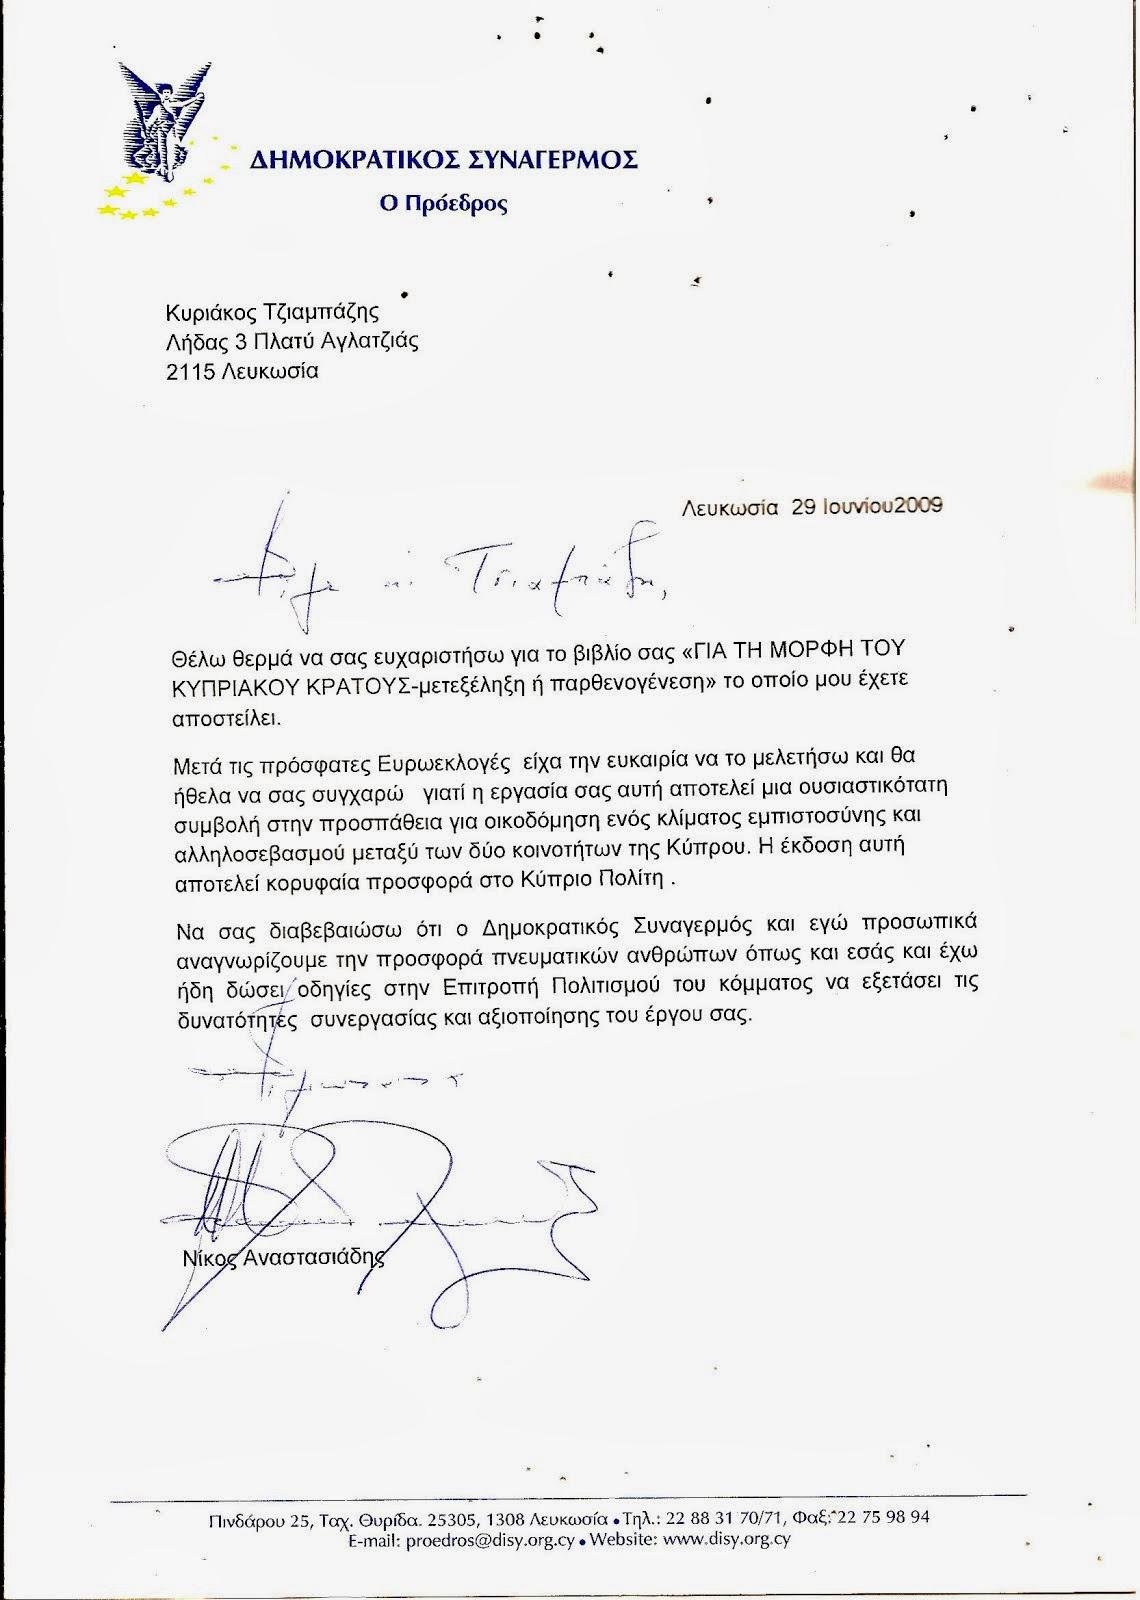 Συγχαρητήρια Επιστολή Προέδρου Αναστασιάδη